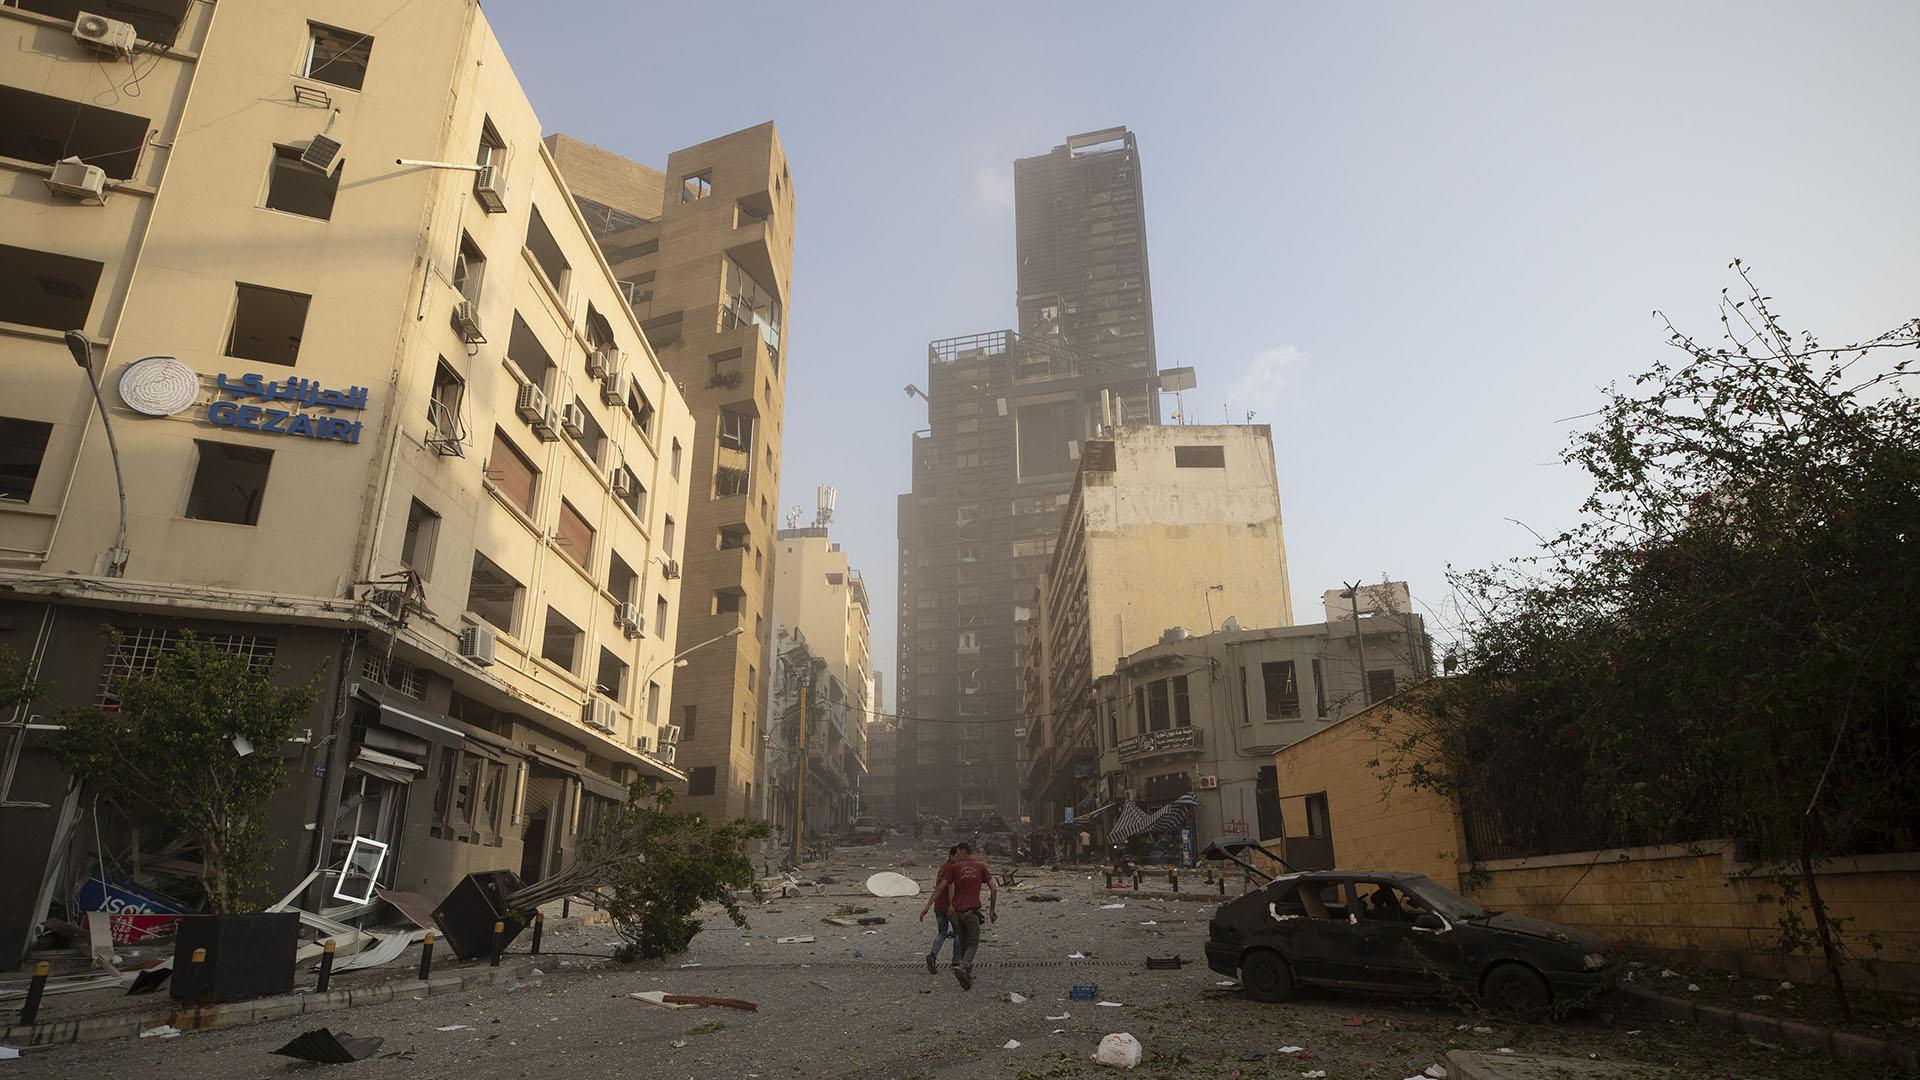 Las secuelas de la explosión masiva se ven en Beirut este martes 4 de agosto (Foto AP/ Hassan Ammar)